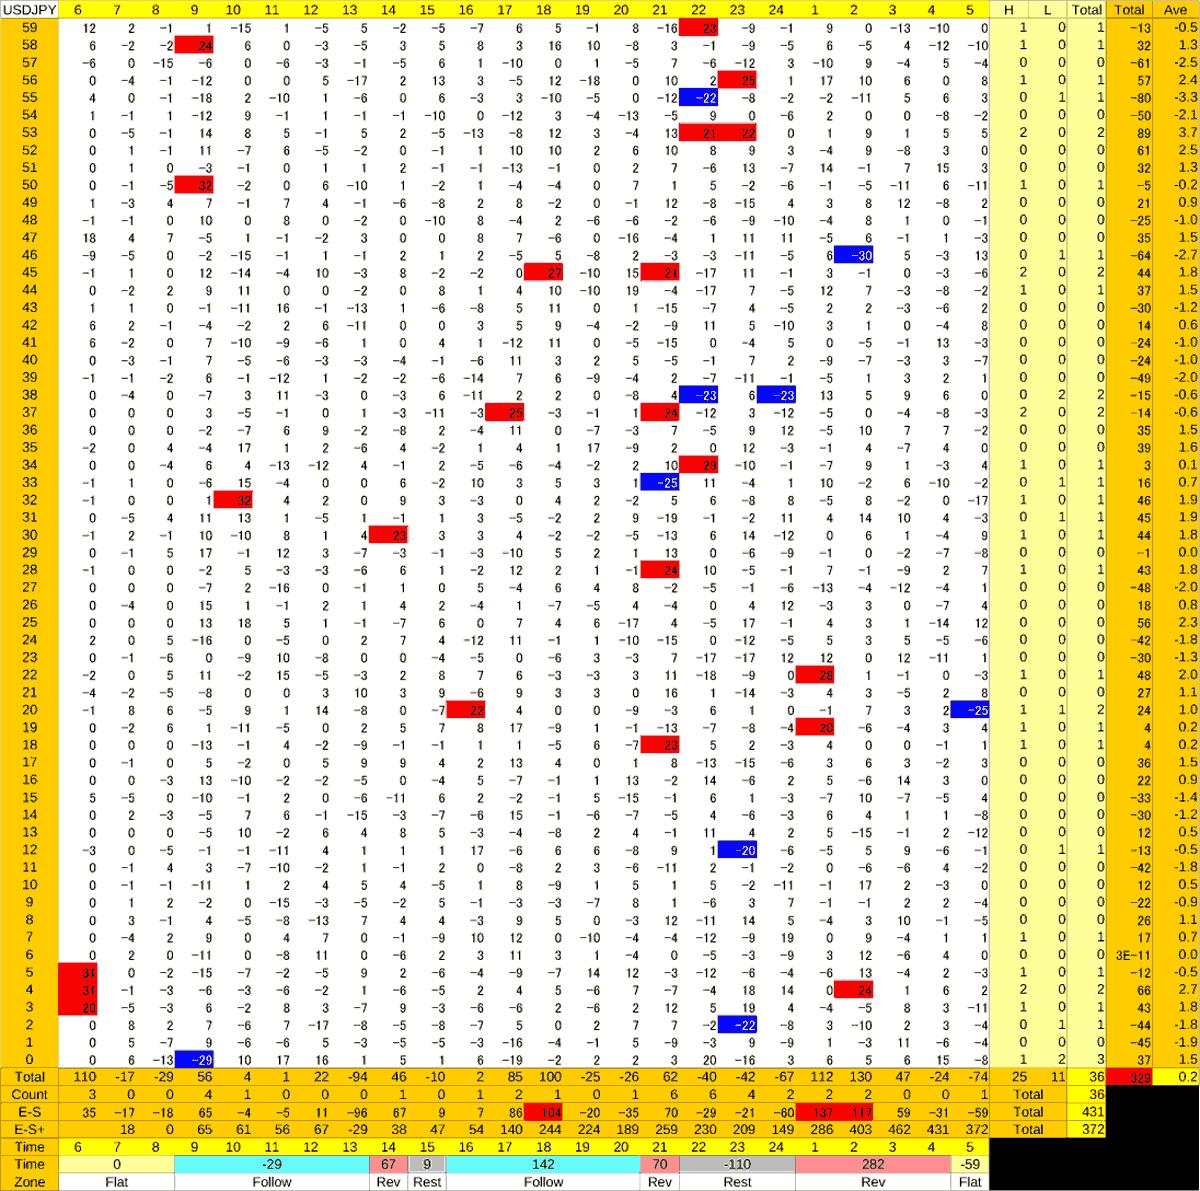 20200716_HS(1)USDJPY